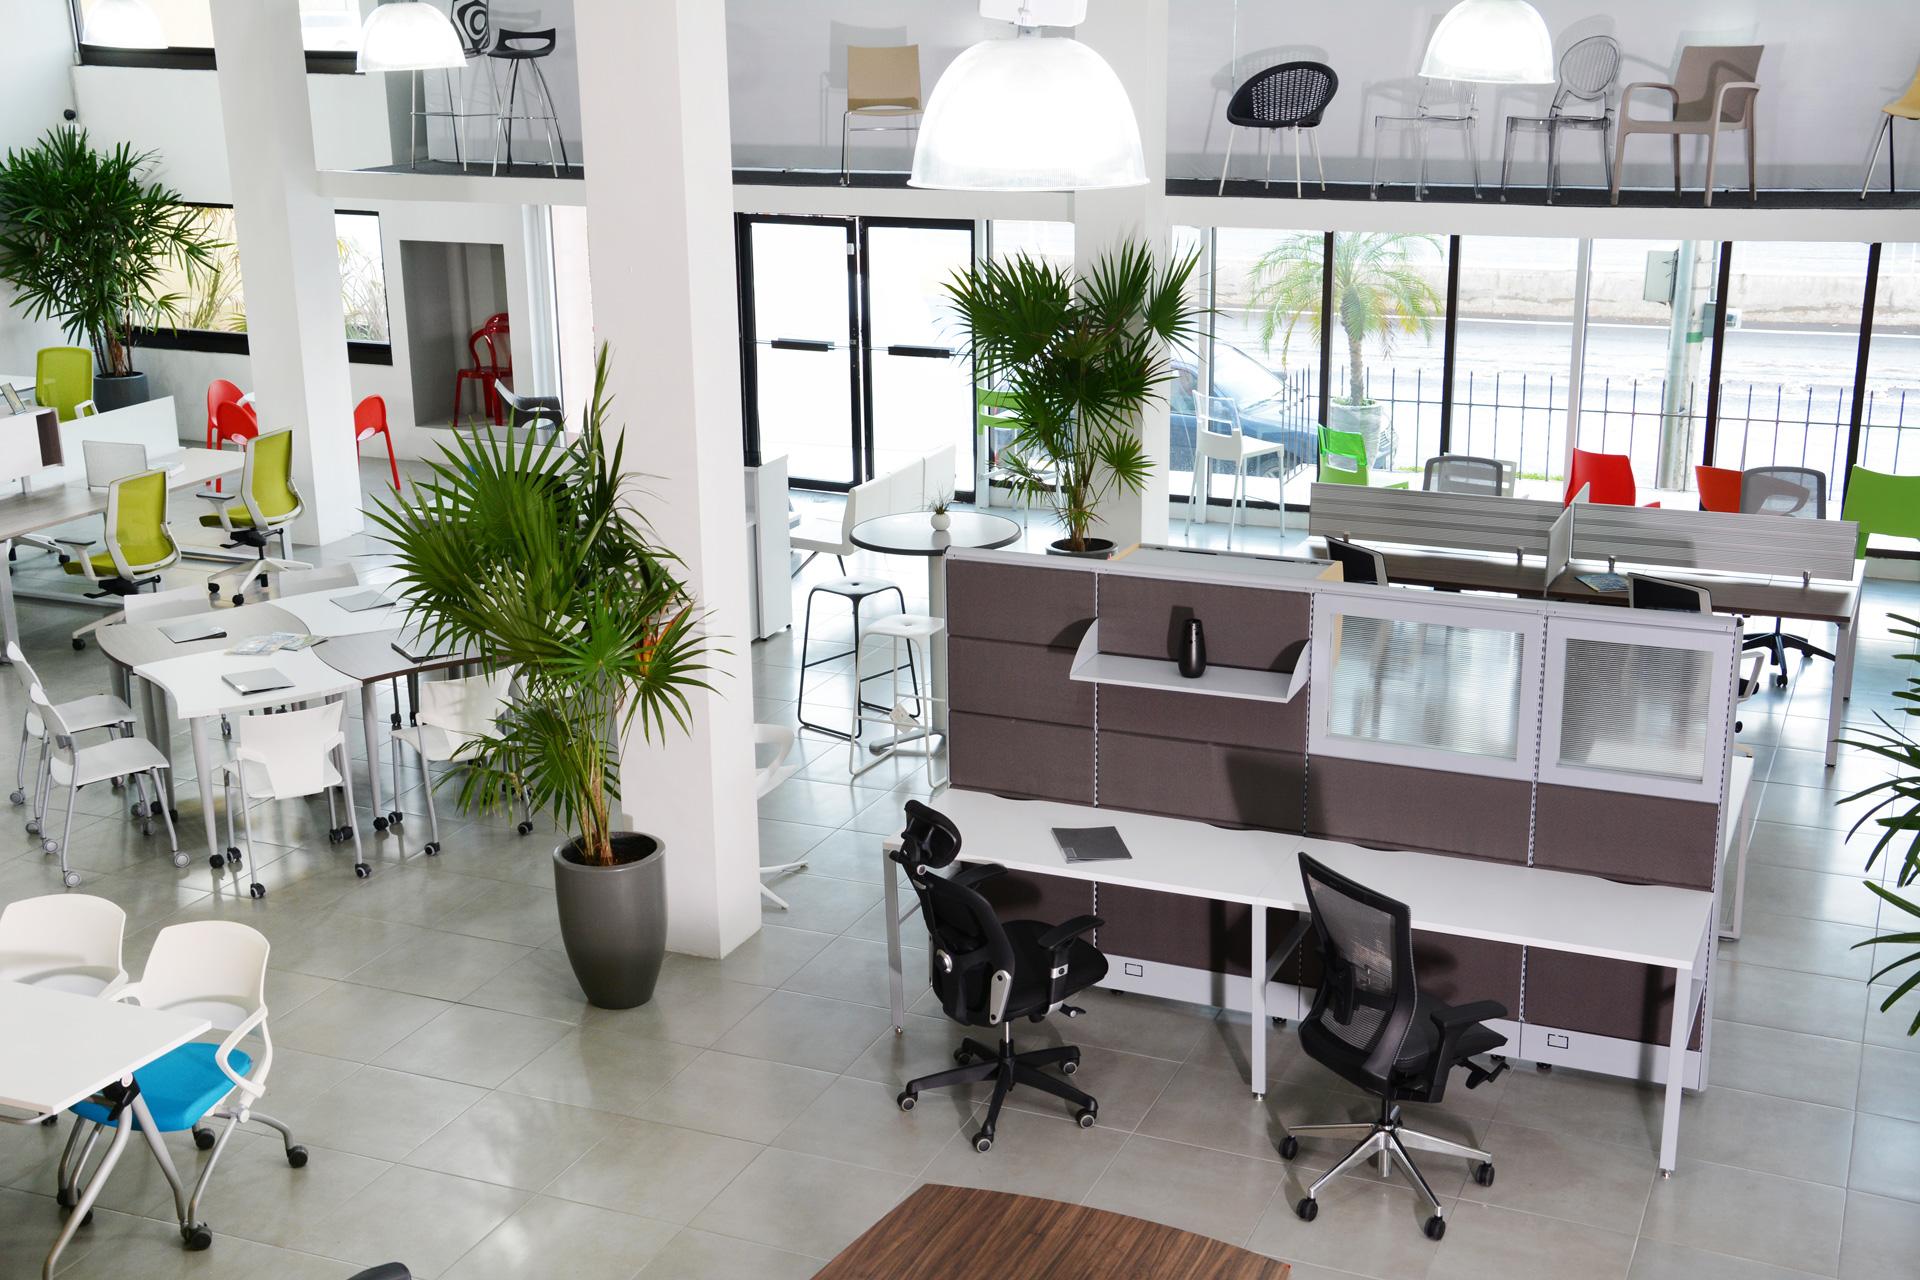 Muebles Queretaro - Muebles Para Oficina Queretaro 17 Muebles Para Oficina En M Xico[mjhdah]https://s-media-cache-ak0.pinimg.com/originals/35/97/89/3597890b5d44e0f57fa8e22956c74963.jpg